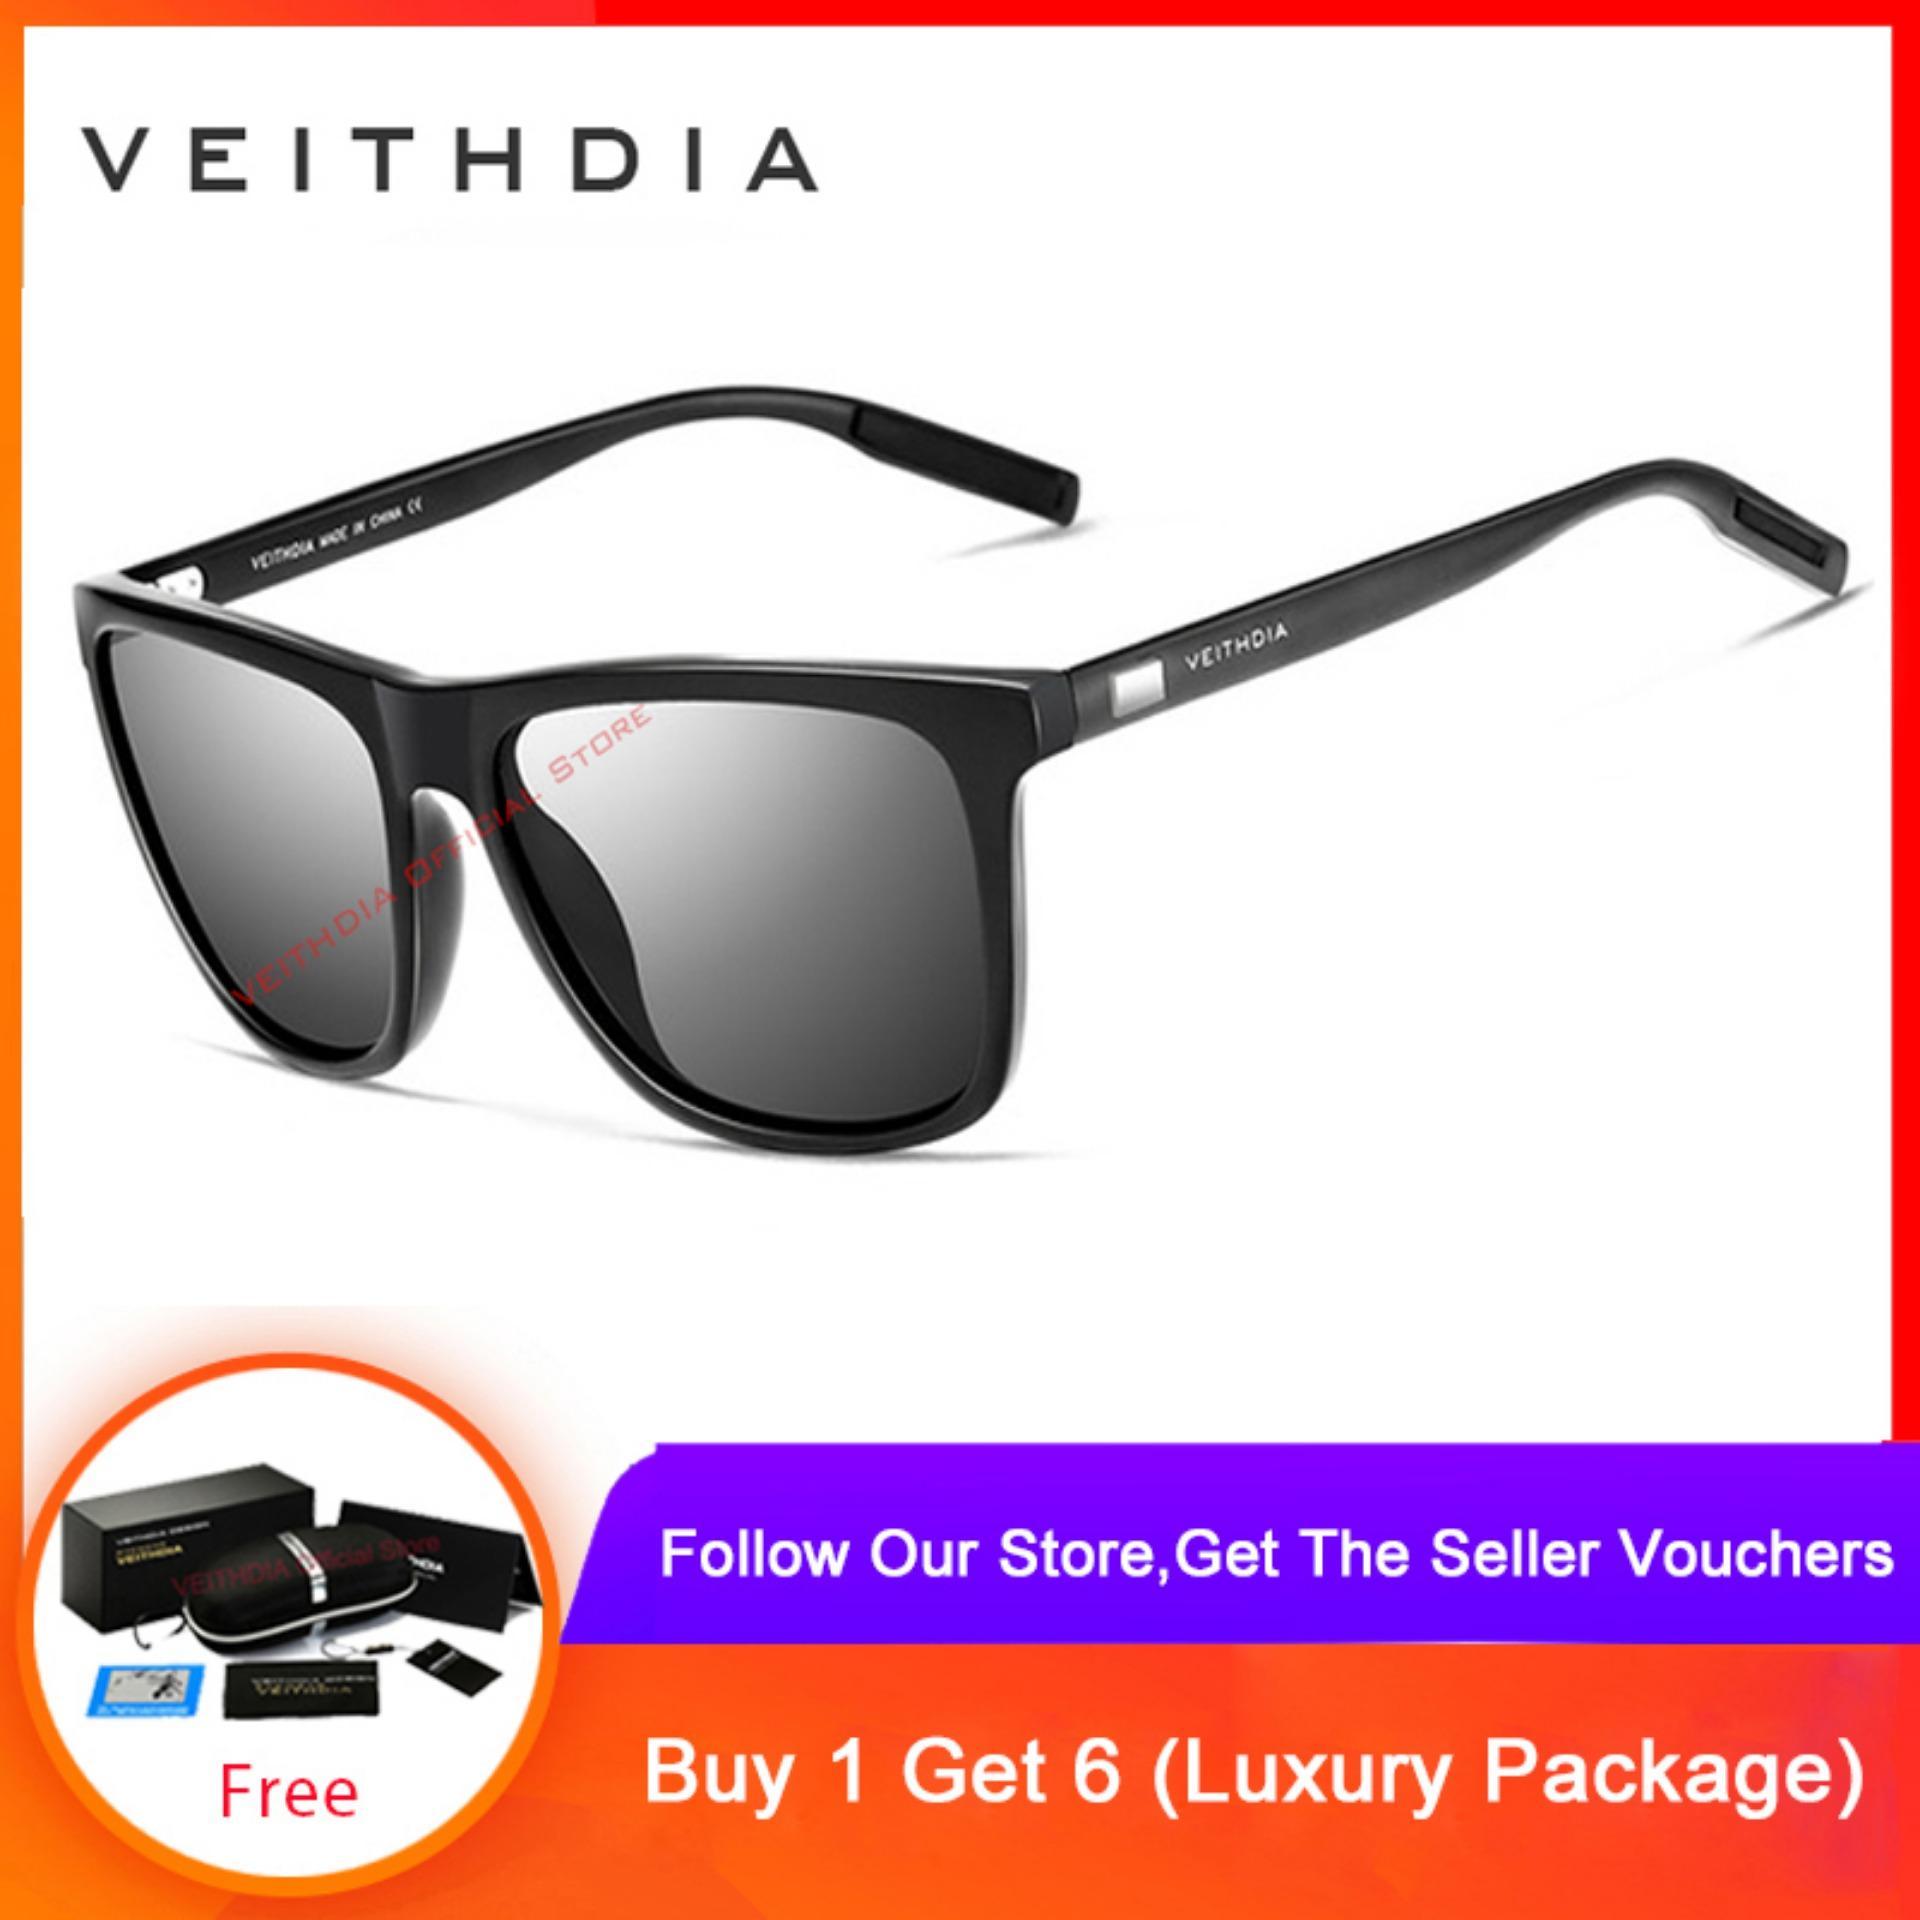 Cod+pengiriman Gratis Veithdia Kacamata Hitam Tr90 Retro Lensa Polarisasi Bermerek Untuk Pria/wanita 6108 By Veithdia Official Store.